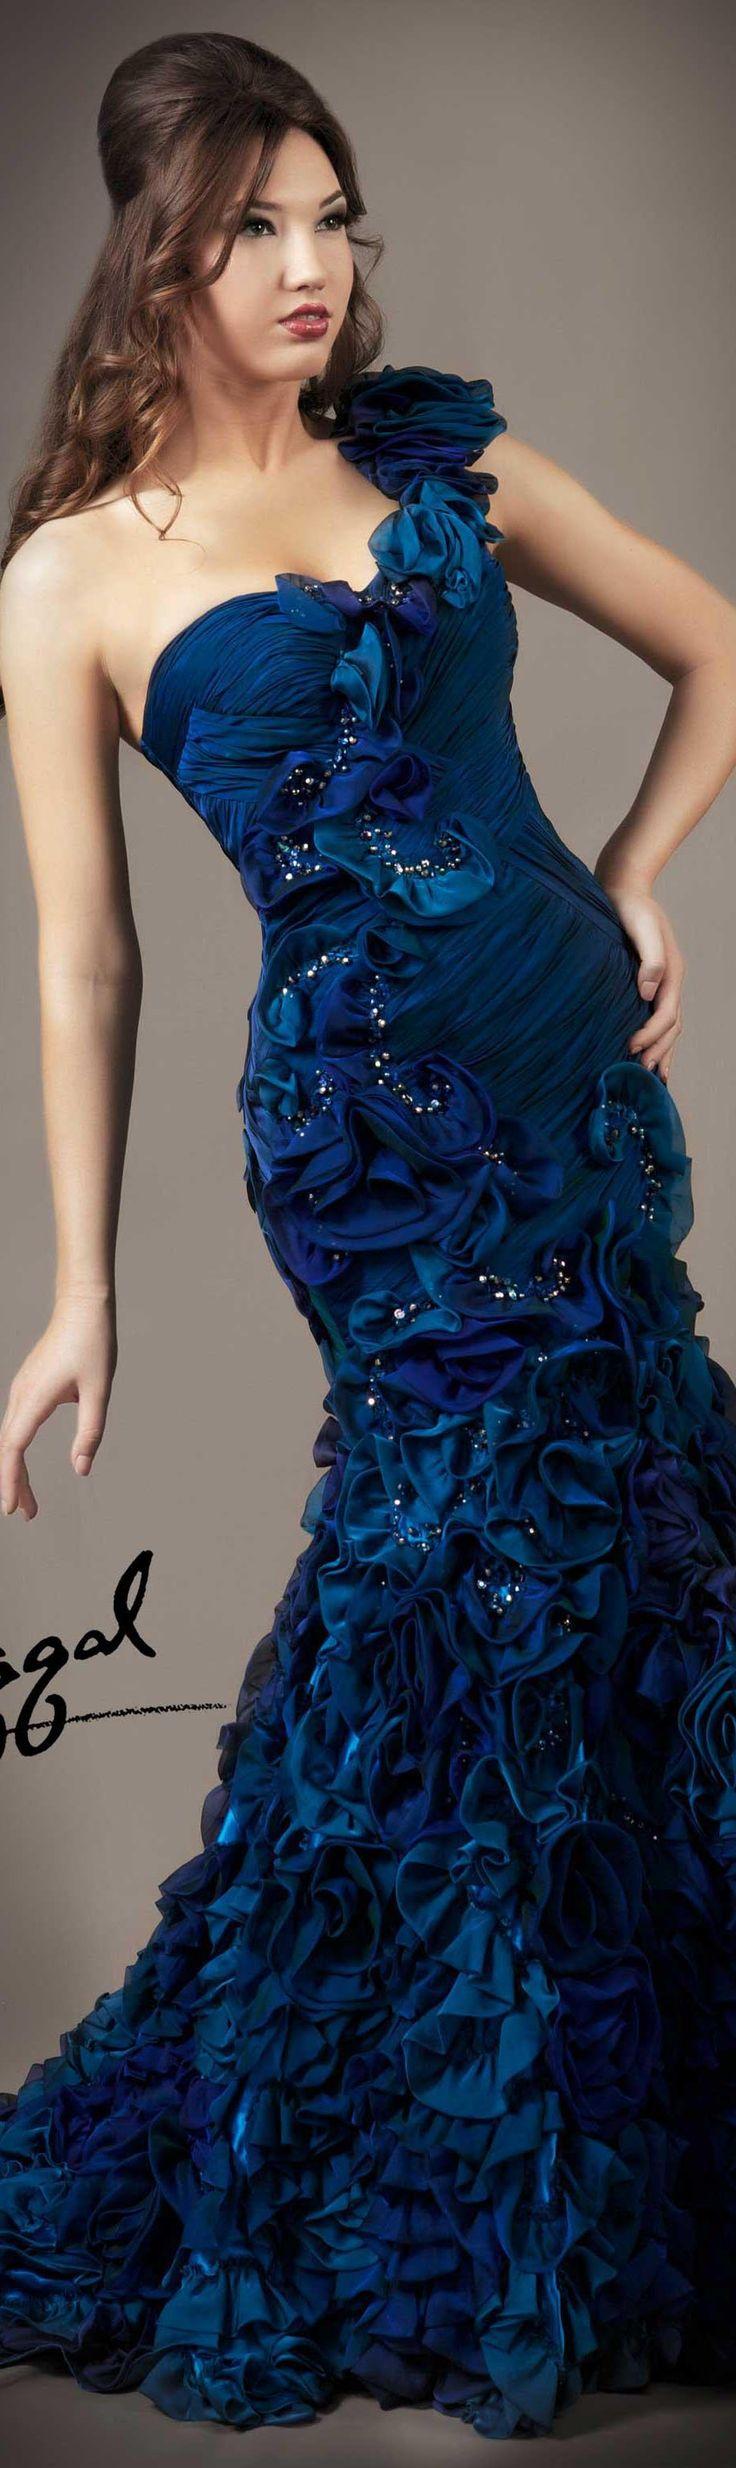 Vestido longo azul coleção Mac Duggal COUTURE DRESSES STYLE 80108D --------------------------------------------- http://www.vestidosonline.com.br/modelos-de-vestidos/vestidos-longos